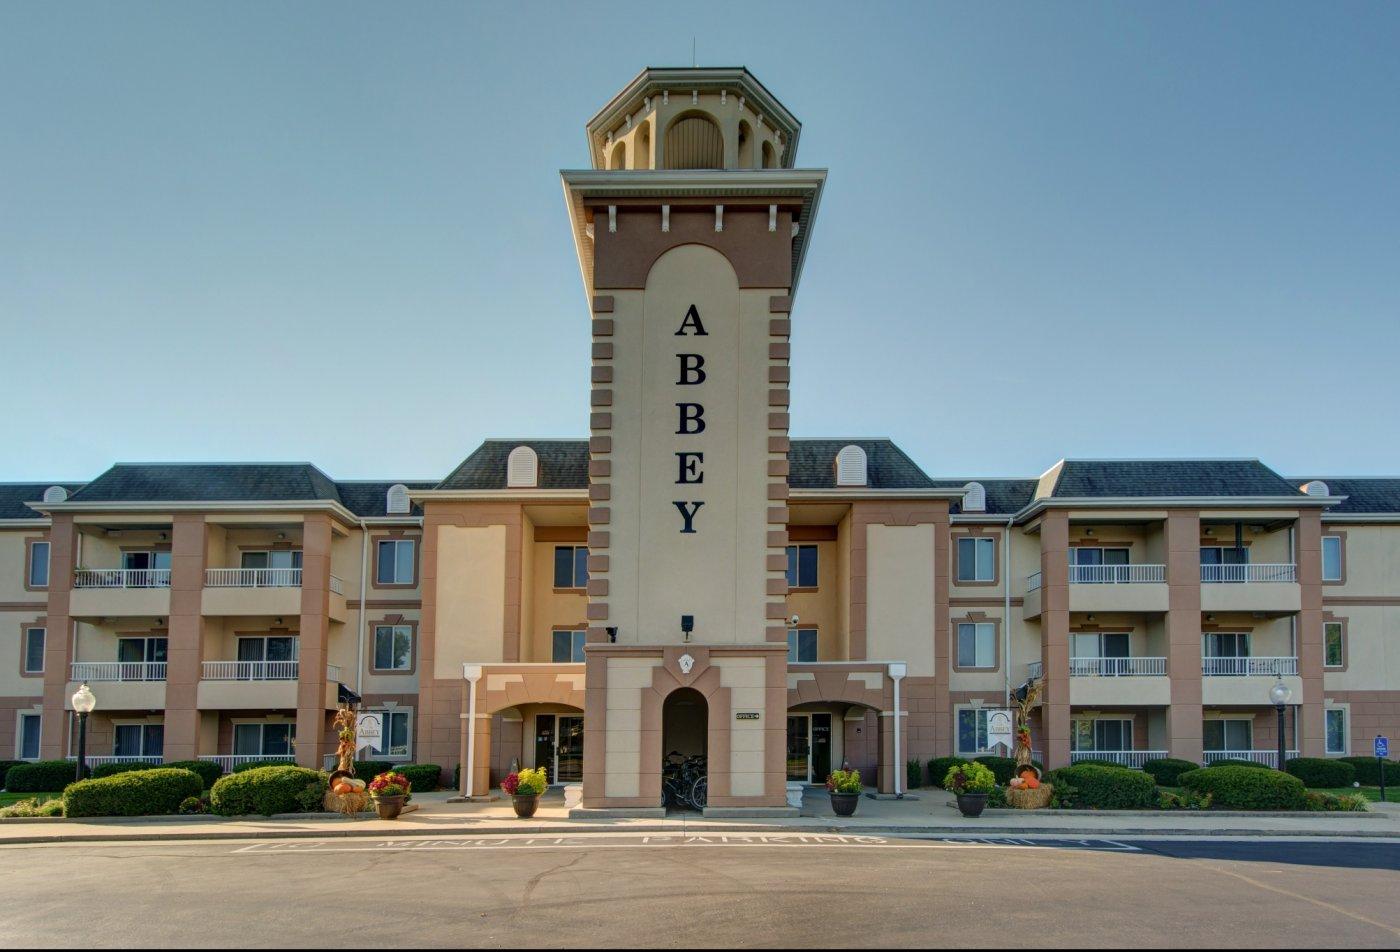 The Abbey Apartments, LLC